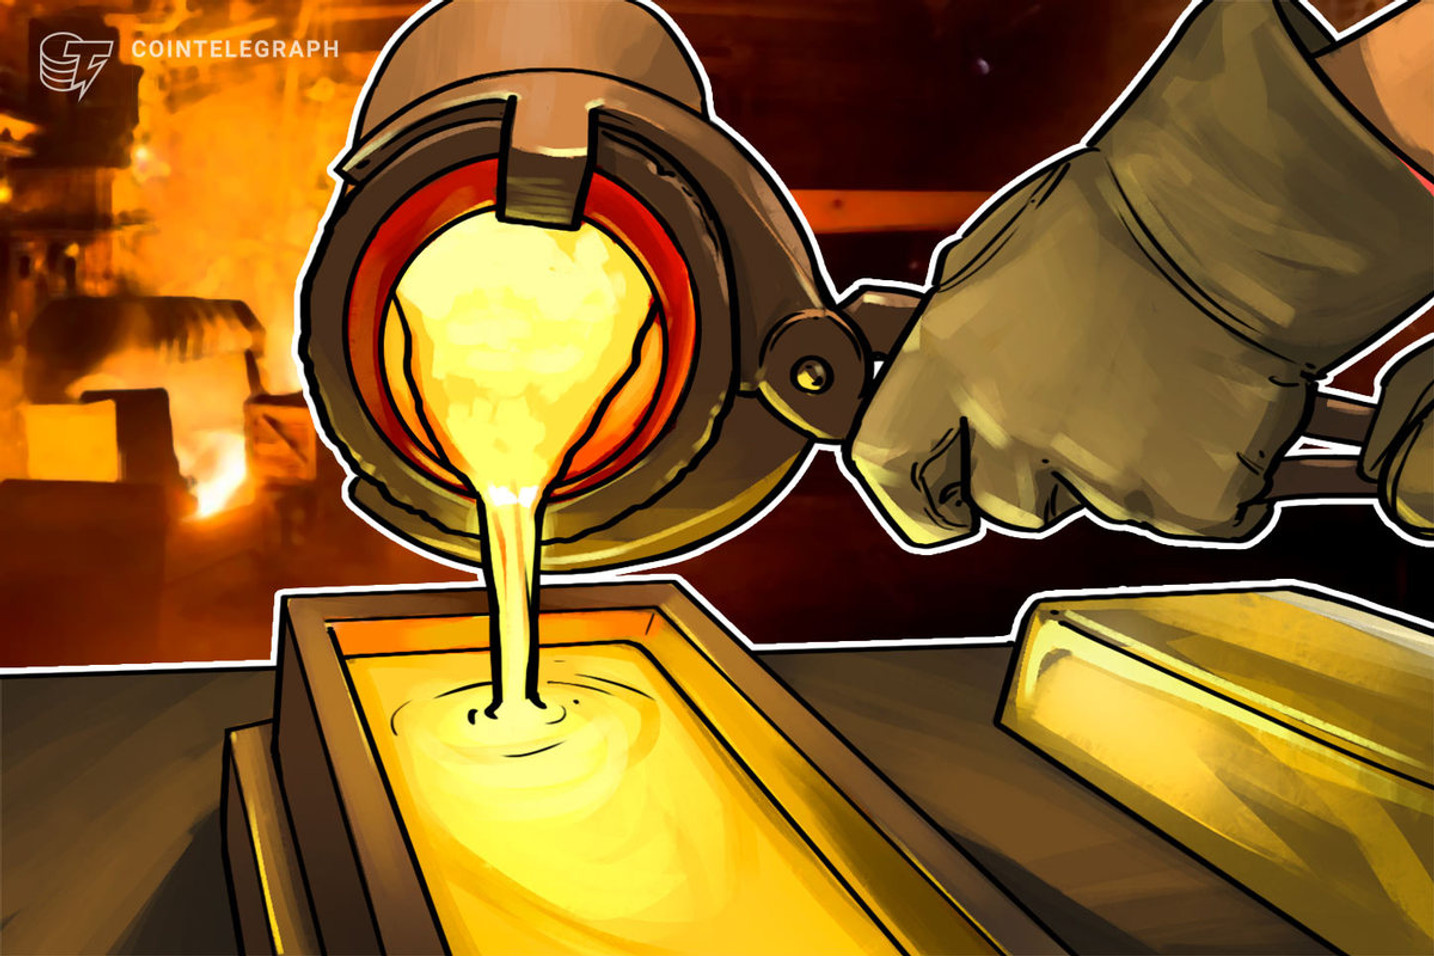 ビットコインと金(ゴールド)間のP2P取引、仮想通貨取引所パクスフルが開始